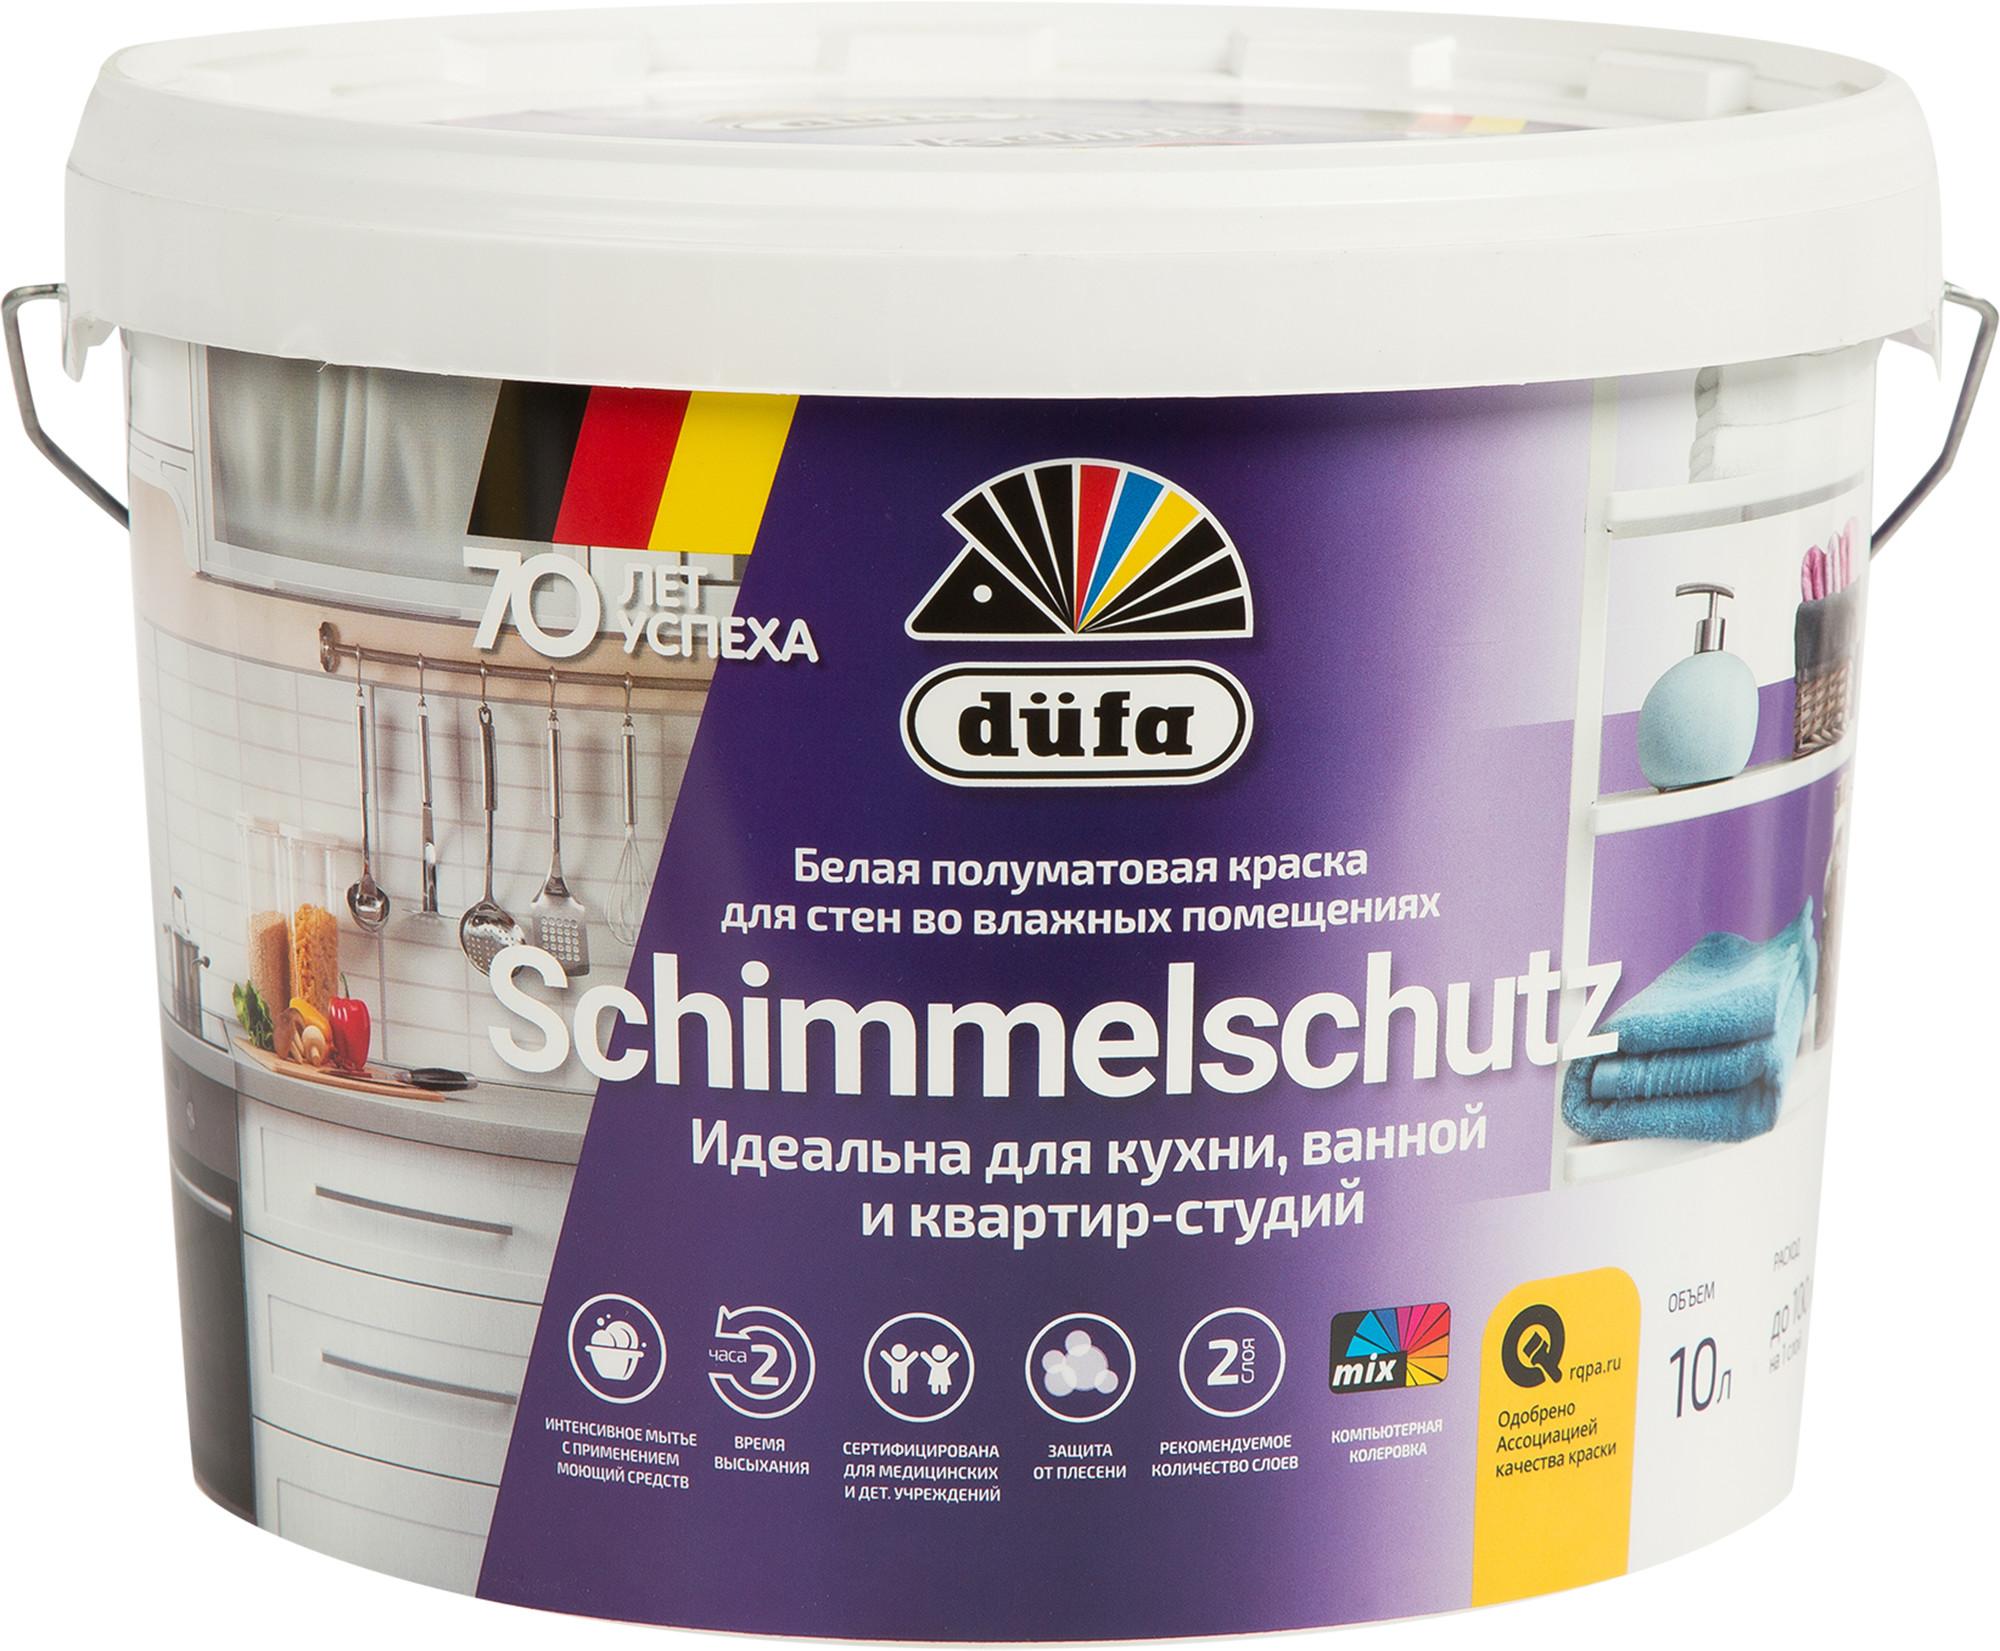 Краска Dufa для кухни